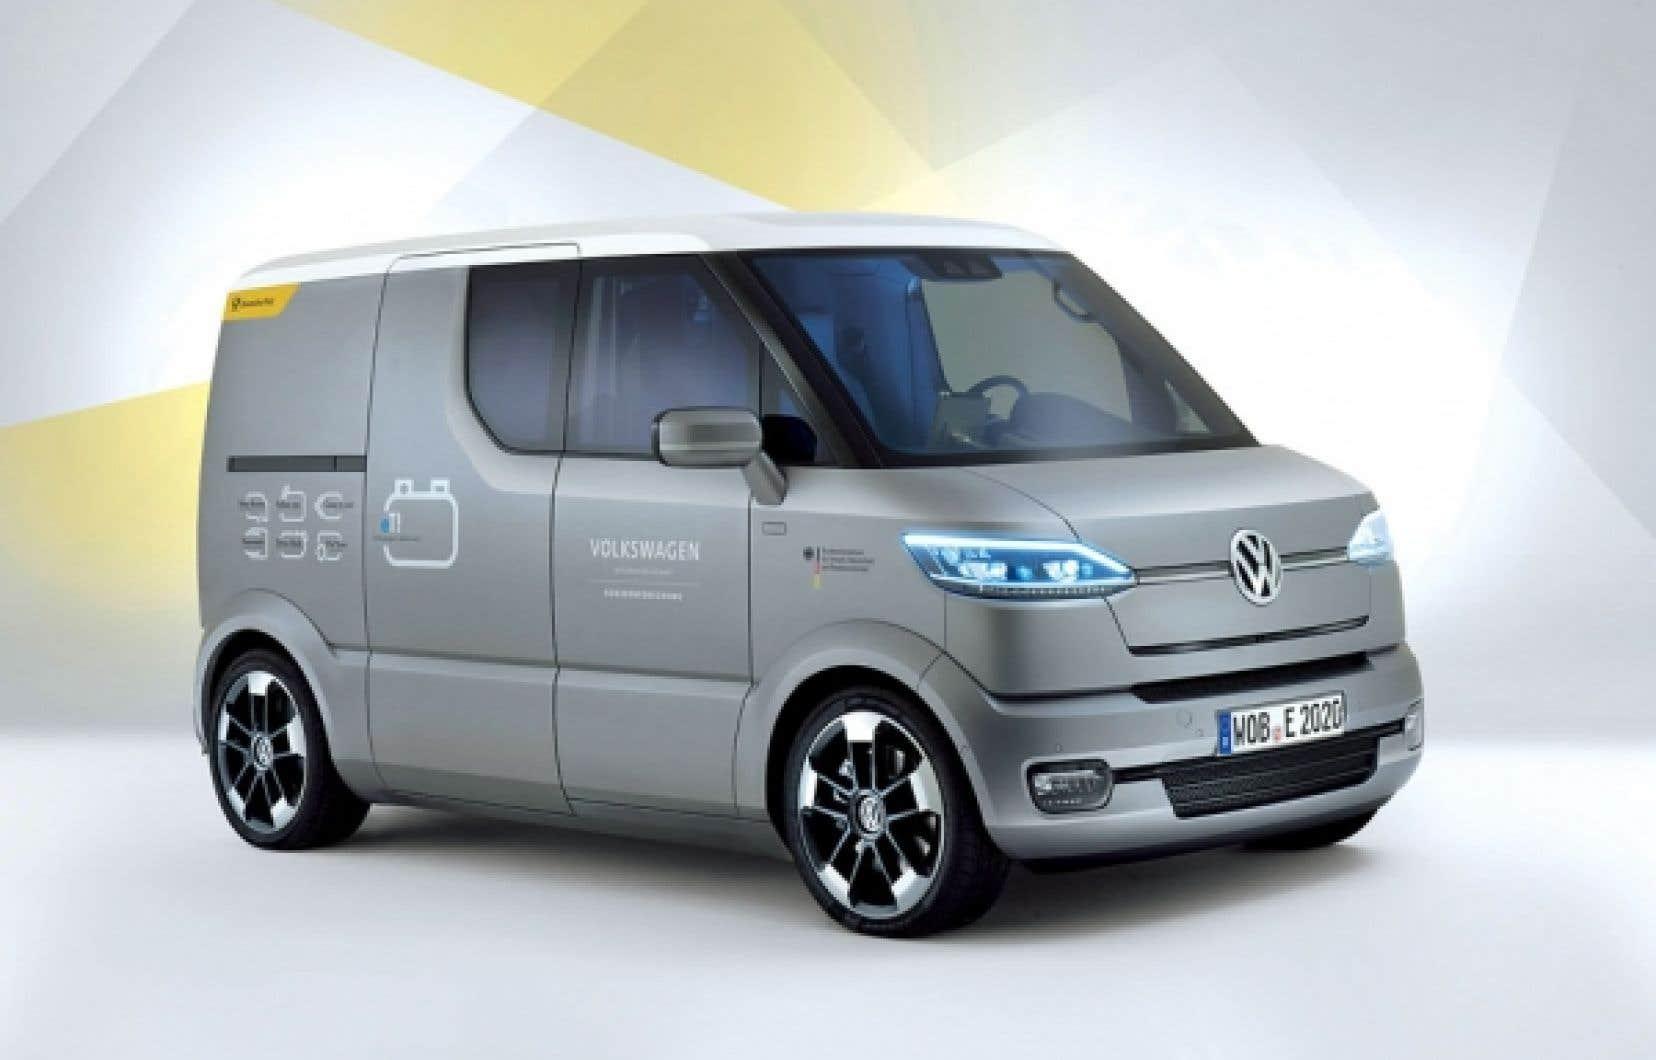 La fourgonnette de livraison expérimentale Volkswagen eT ! répond aux commandes vocales des facteurs allemands. Elle peut notamment se déplacer vers l'usager lorsqu'il lance la commande « Come to me ».